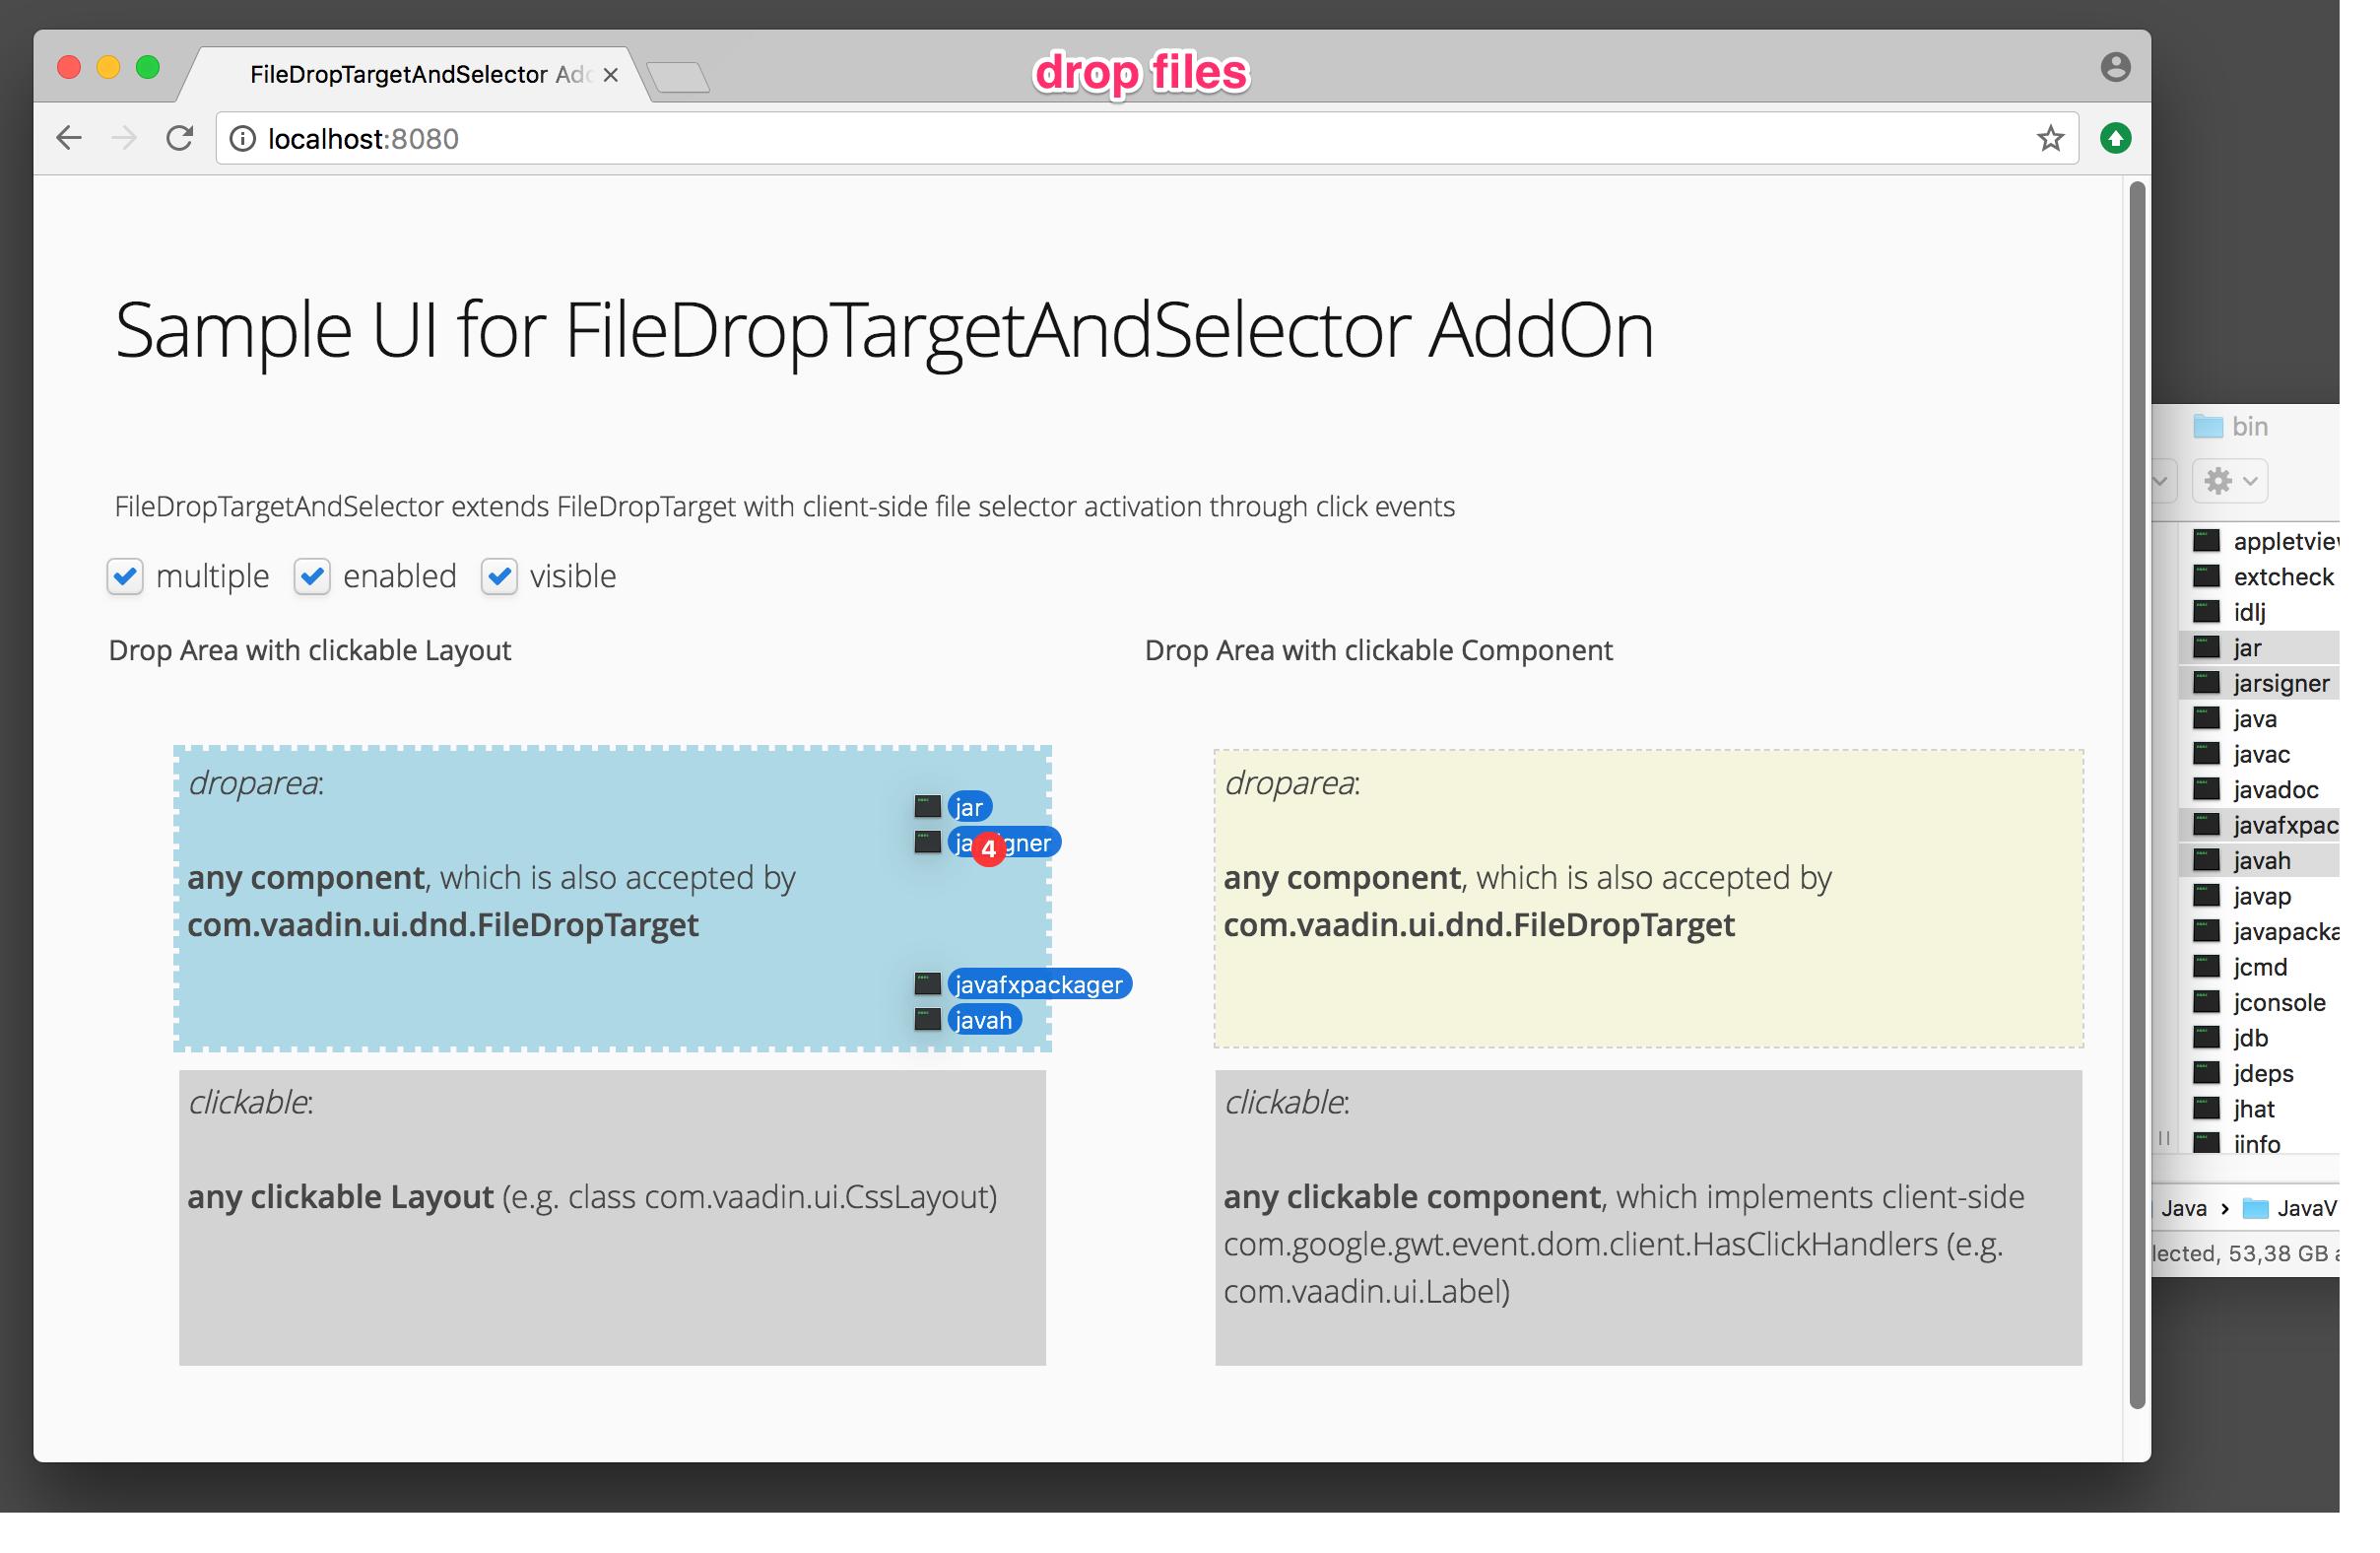 drop file (FileDropTarget)